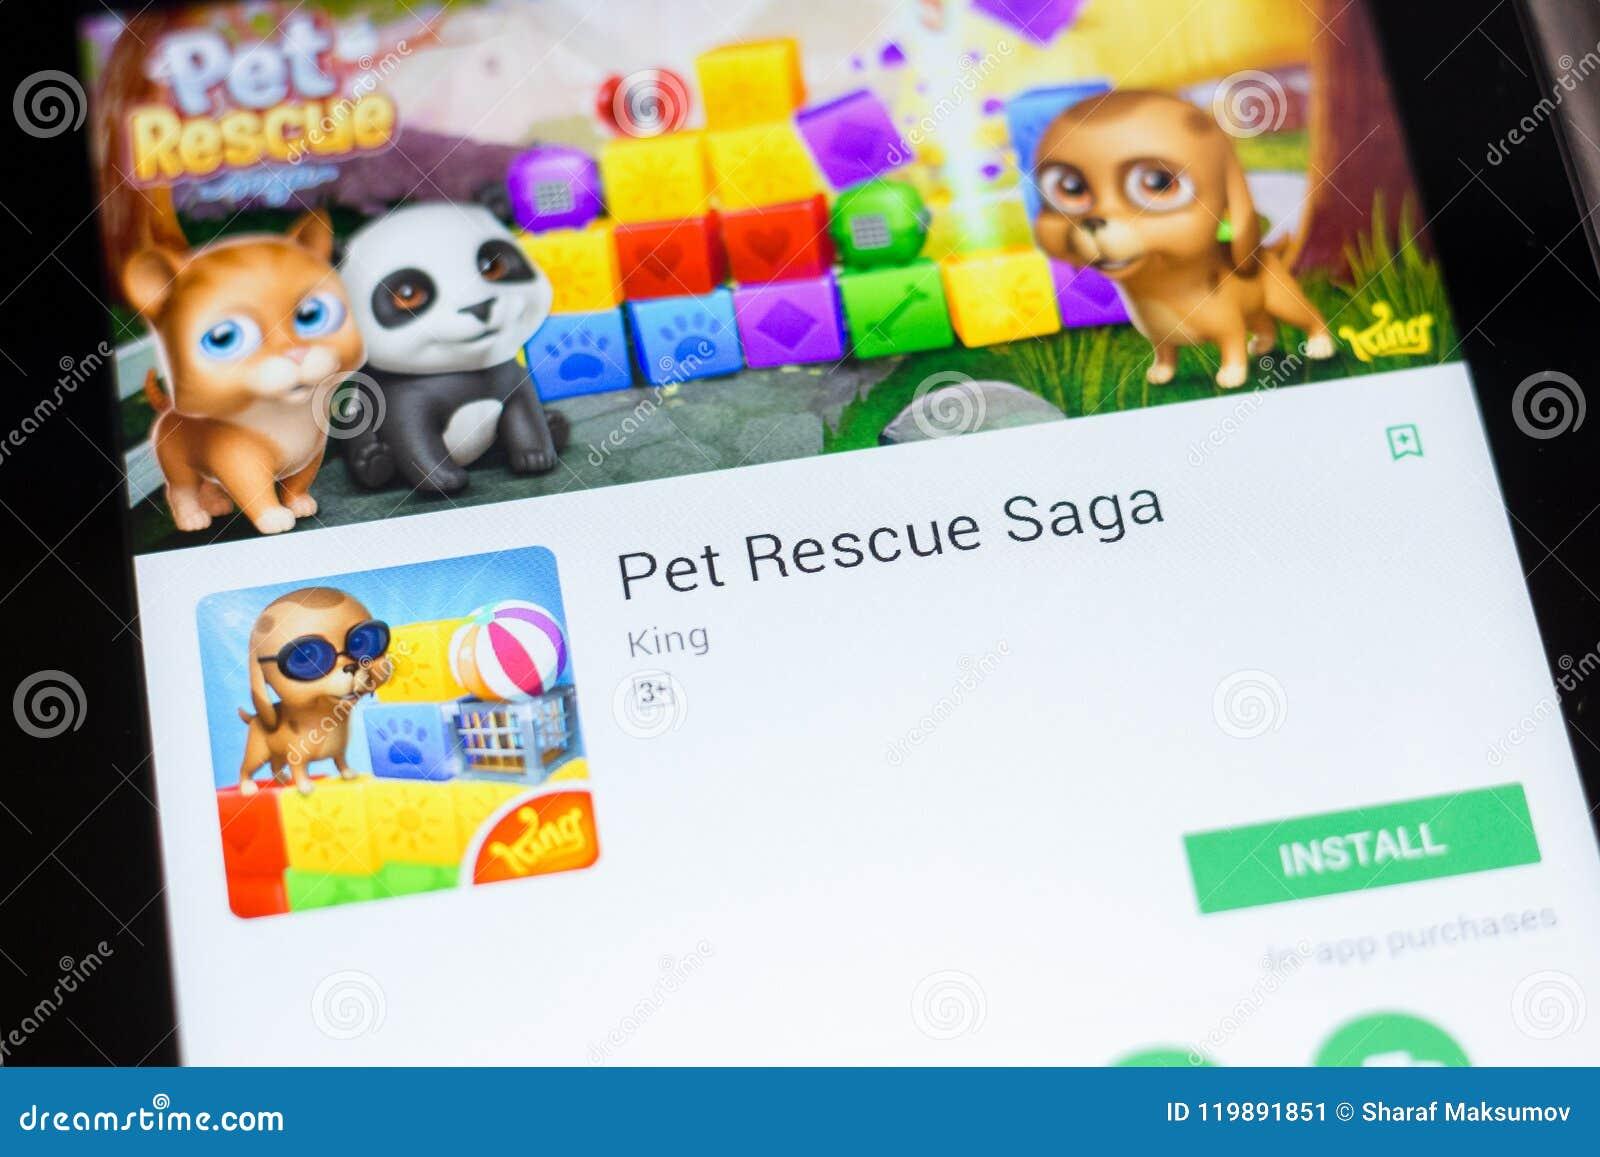 Ryazan, Russia - June 24, 2018: Pet Rescue Saga Mobile App